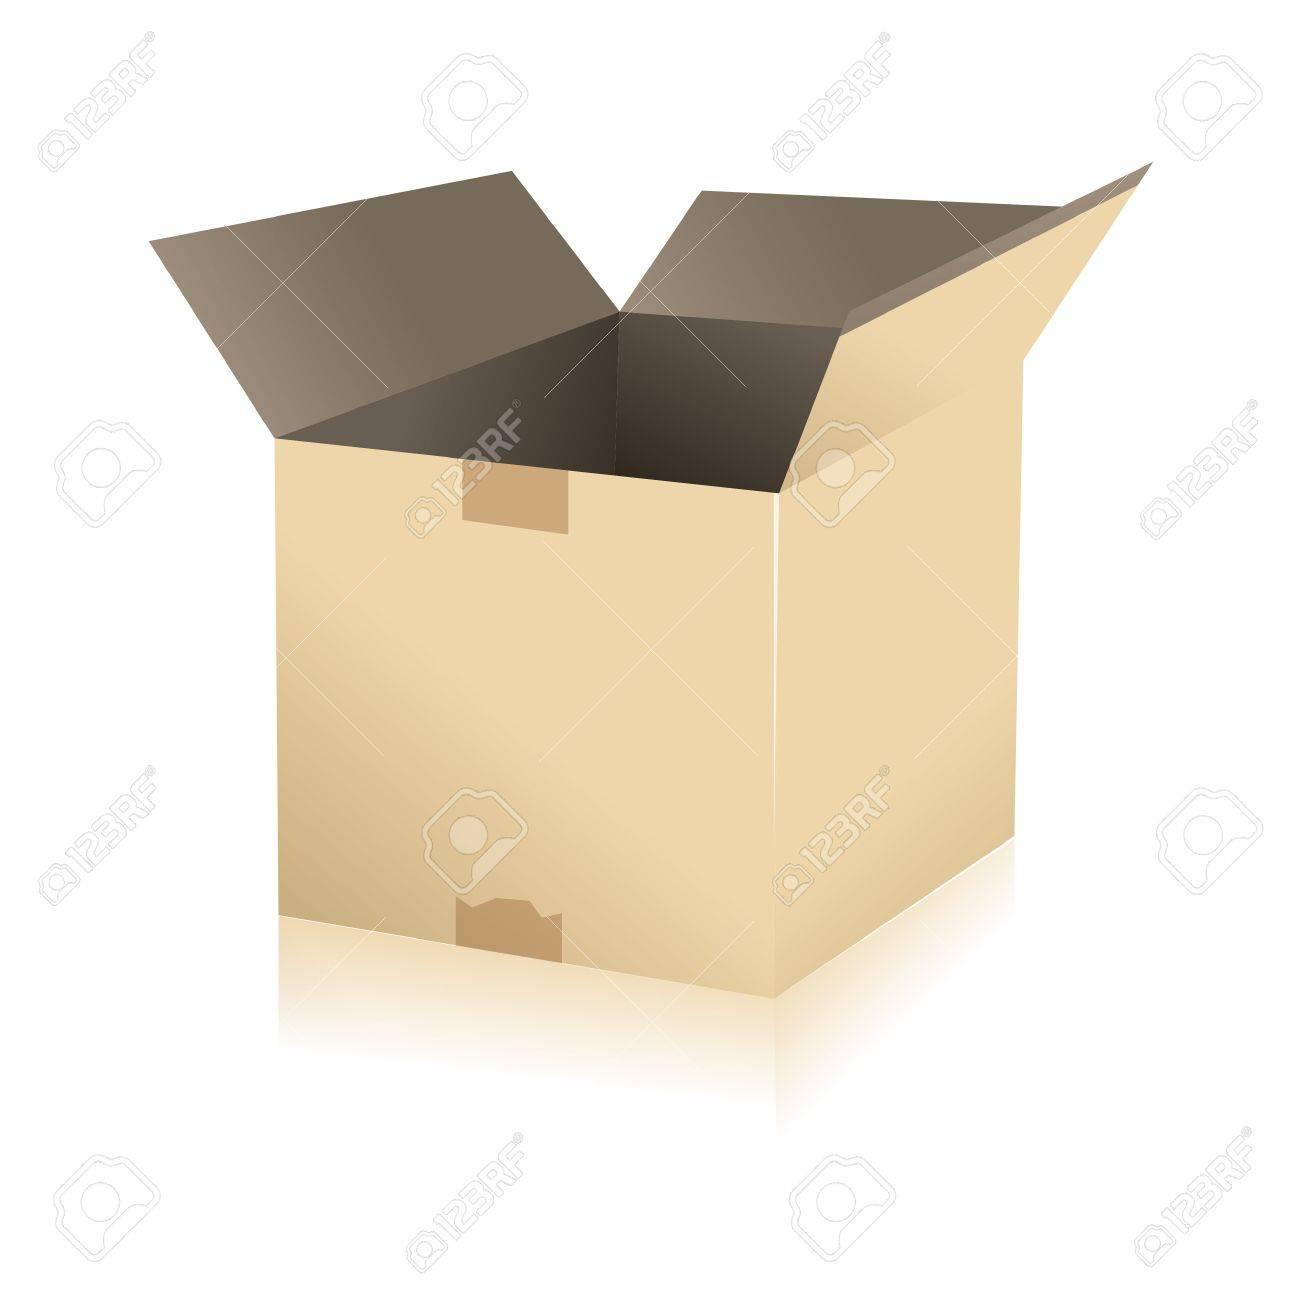 Paquete De Entrega De Paquetes De Transporte Caja De Cartón ...